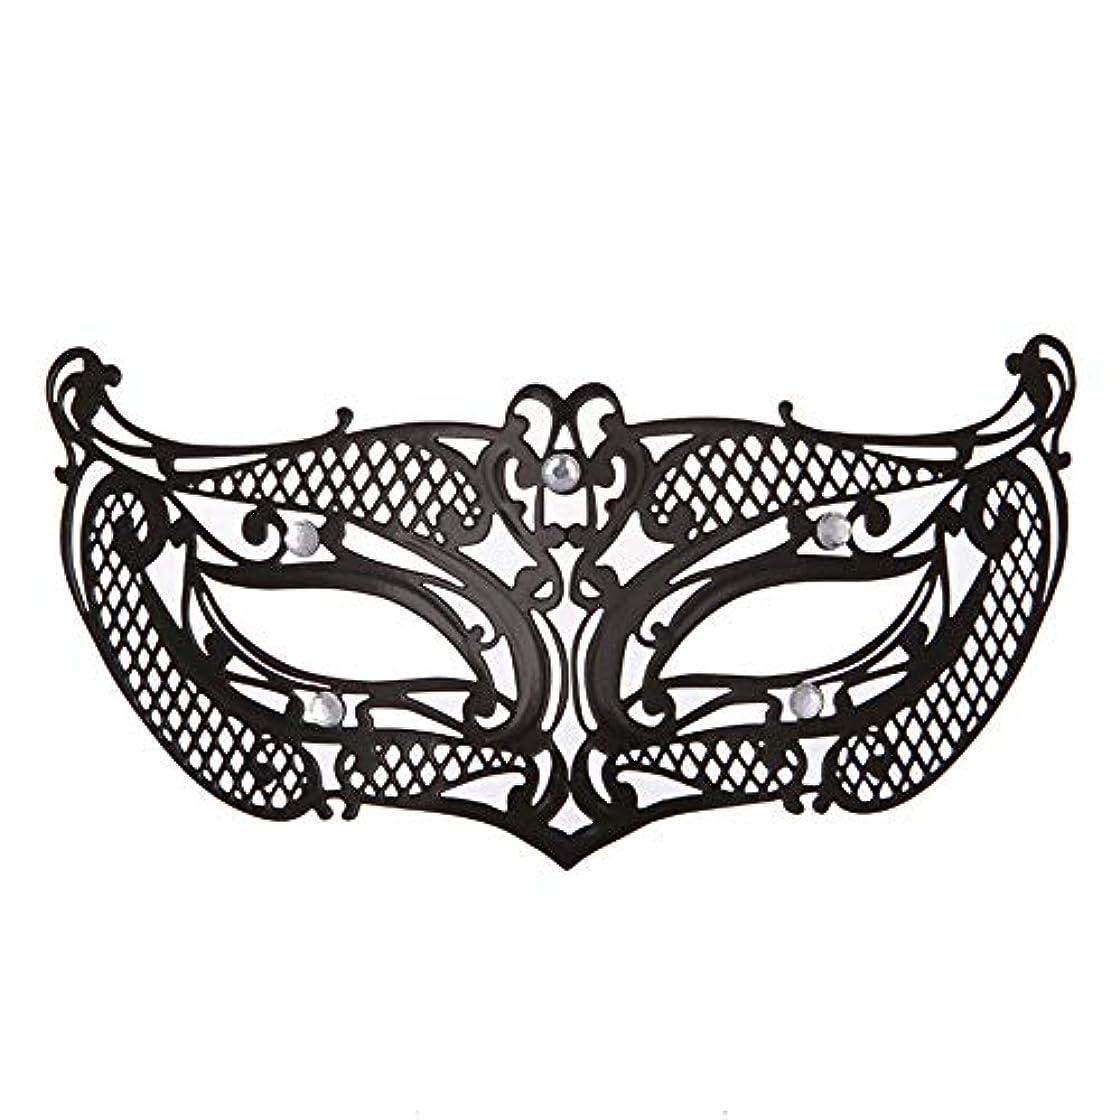 愛撫献身セッティングダンスマスク アイアンメタリックレースとダイヤモンドハーフマスクハロウィンダンスマスクナイトクラブボールマスクコスプレパーティーハロウィンマスク ホリデーパーティー用品 (色 : ブラック, サイズ : 19x8cm)